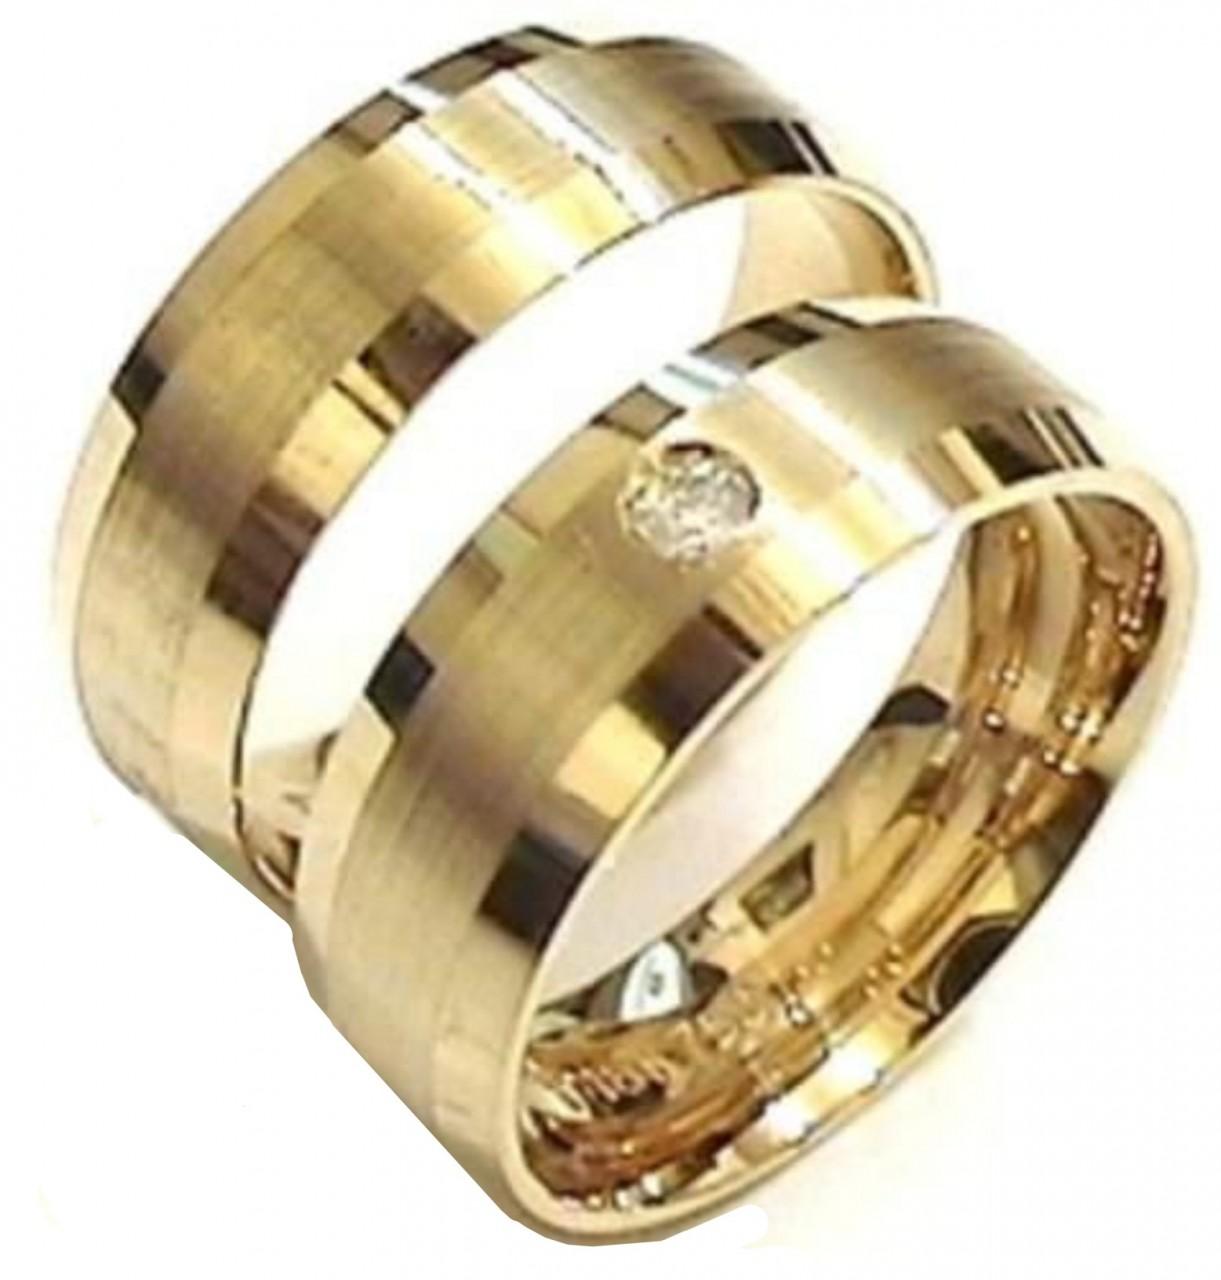 7c89df4e834b0 Par de aliança ouro 18k    - O Garimpo - vitrine online